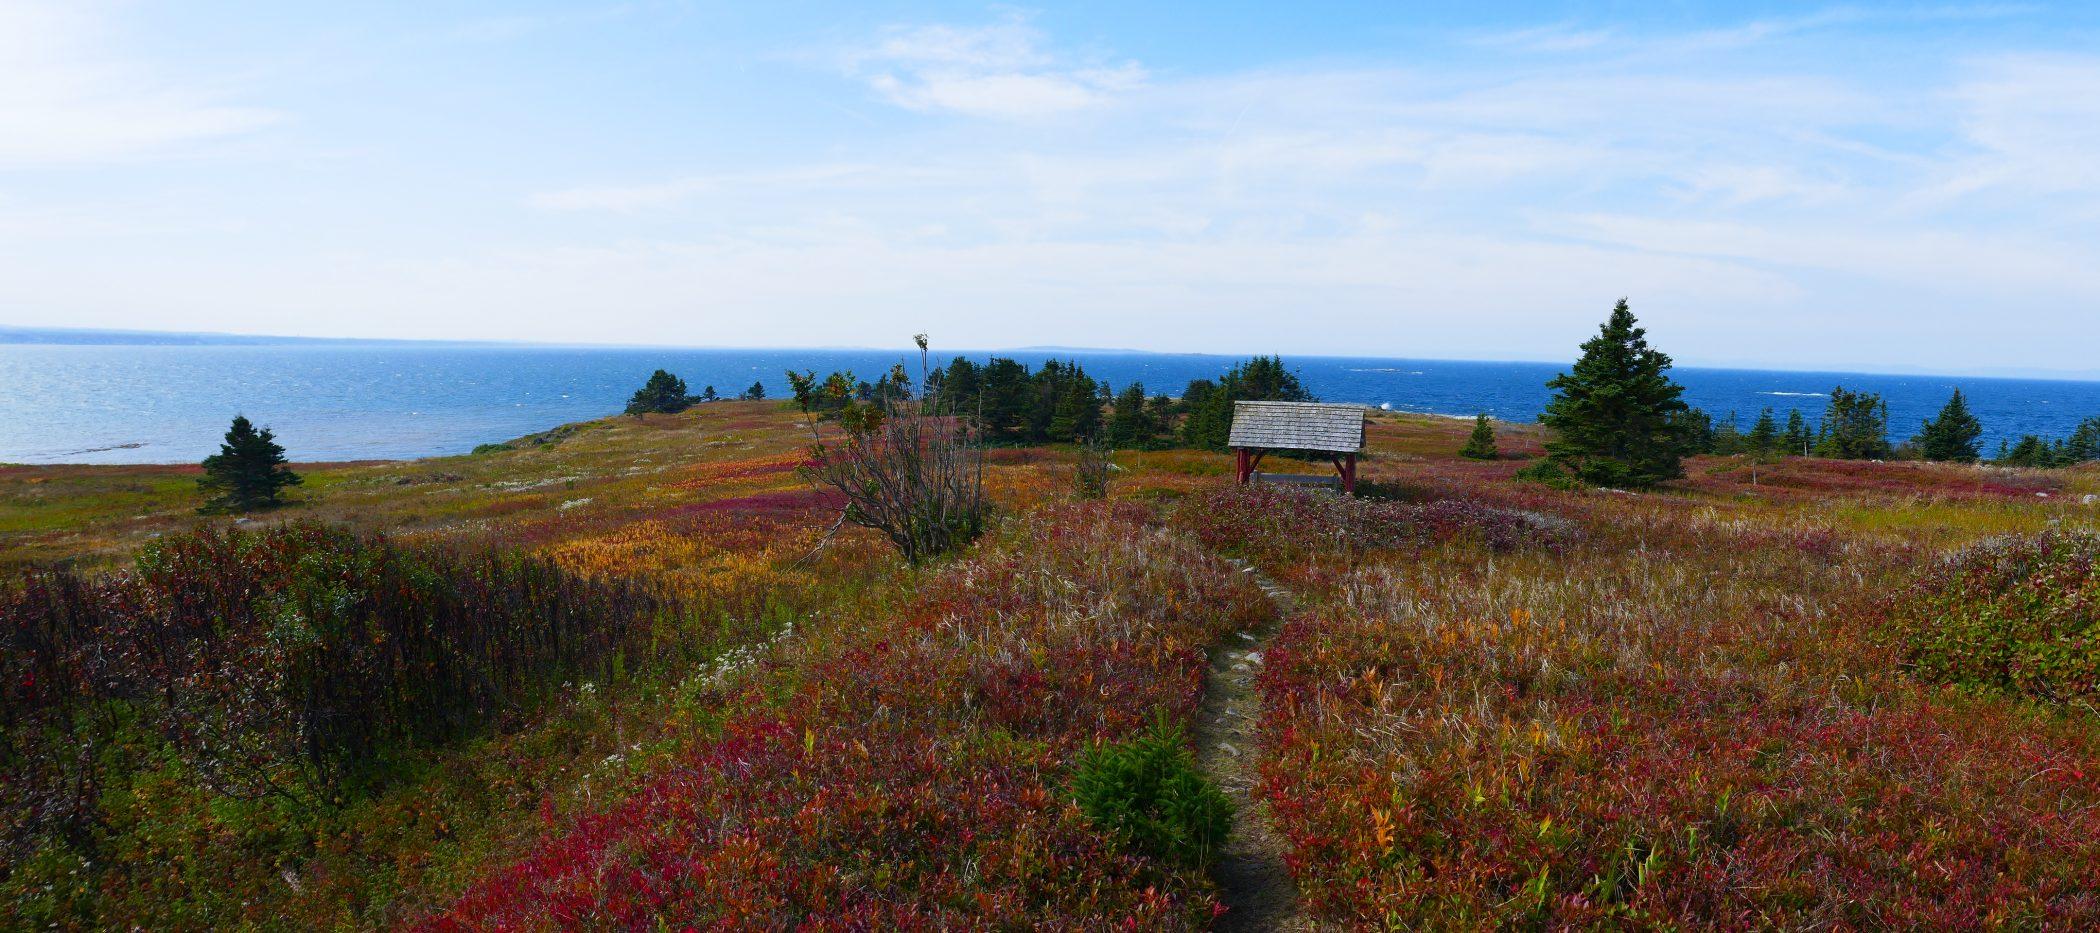 Paysage d'automne à l'île aux Basques, 25 septembre 2019. Prairie de la pointe ouest à marée haute au loin. Photo : Daniel Banville.